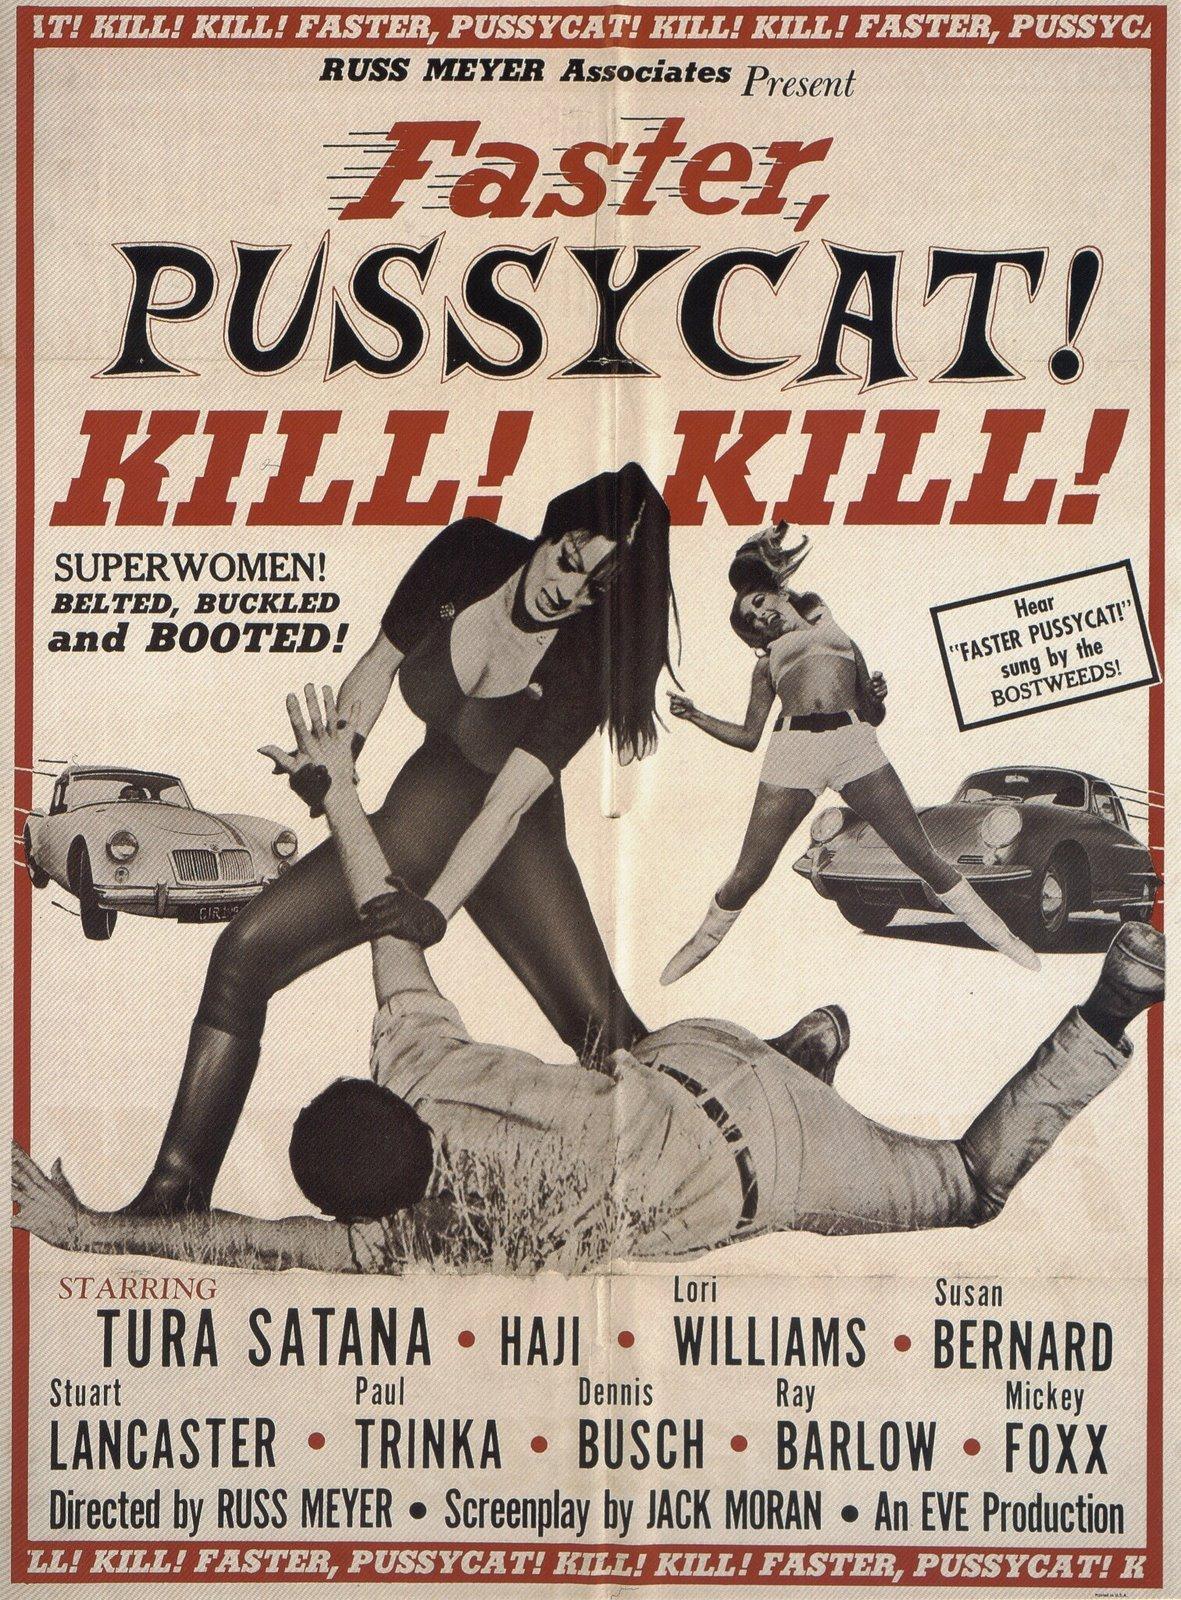 Kill! Kill! Kill! Kill! movie